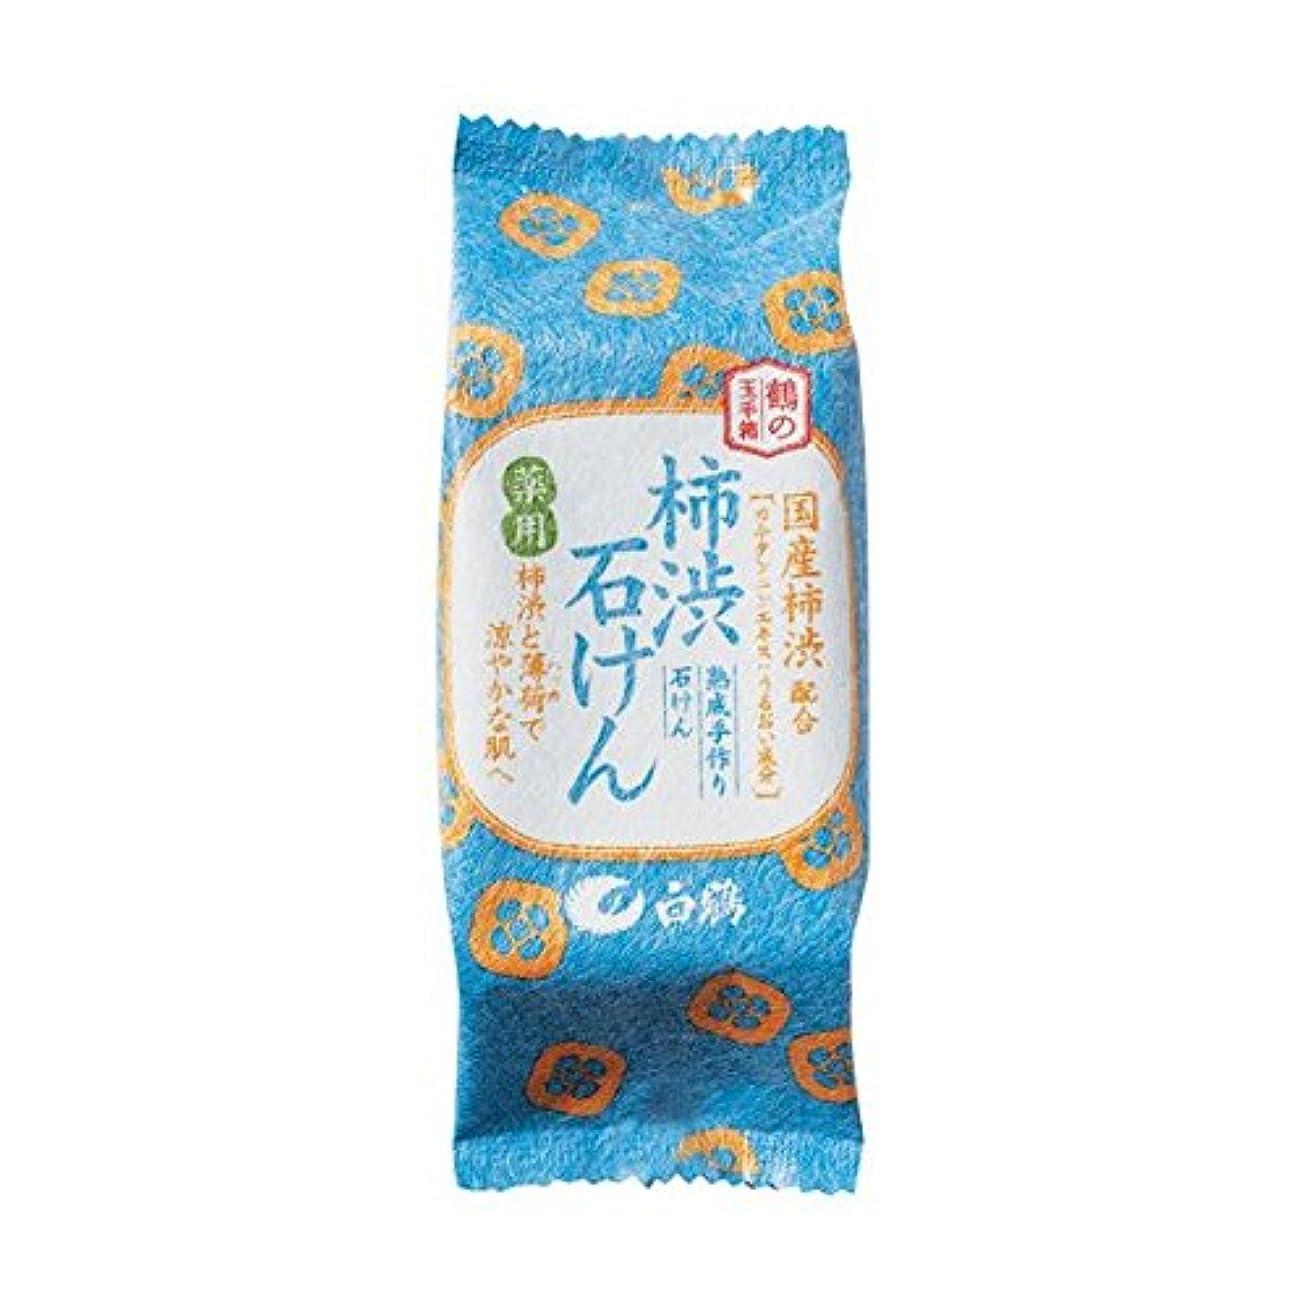 四面体商業の可塑性白鶴 鶴の玉手箱 薬用 柿渋石けん 110g × 3個